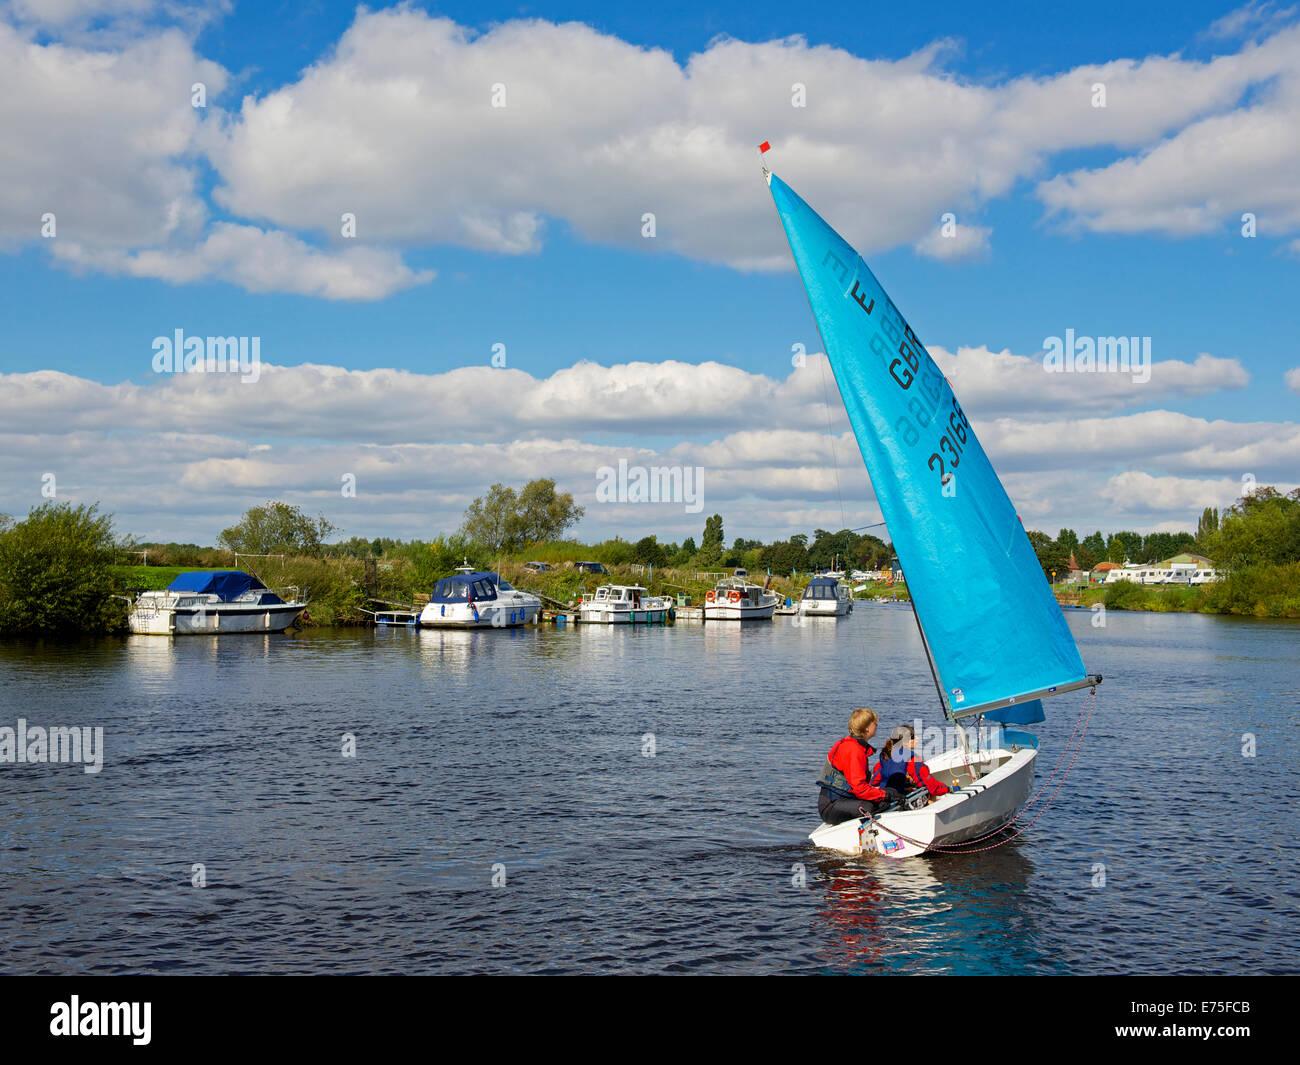 La voile canot sur la rivière Ouse à Naburn, près de York, North Yorkshire, England UK Photo Stock